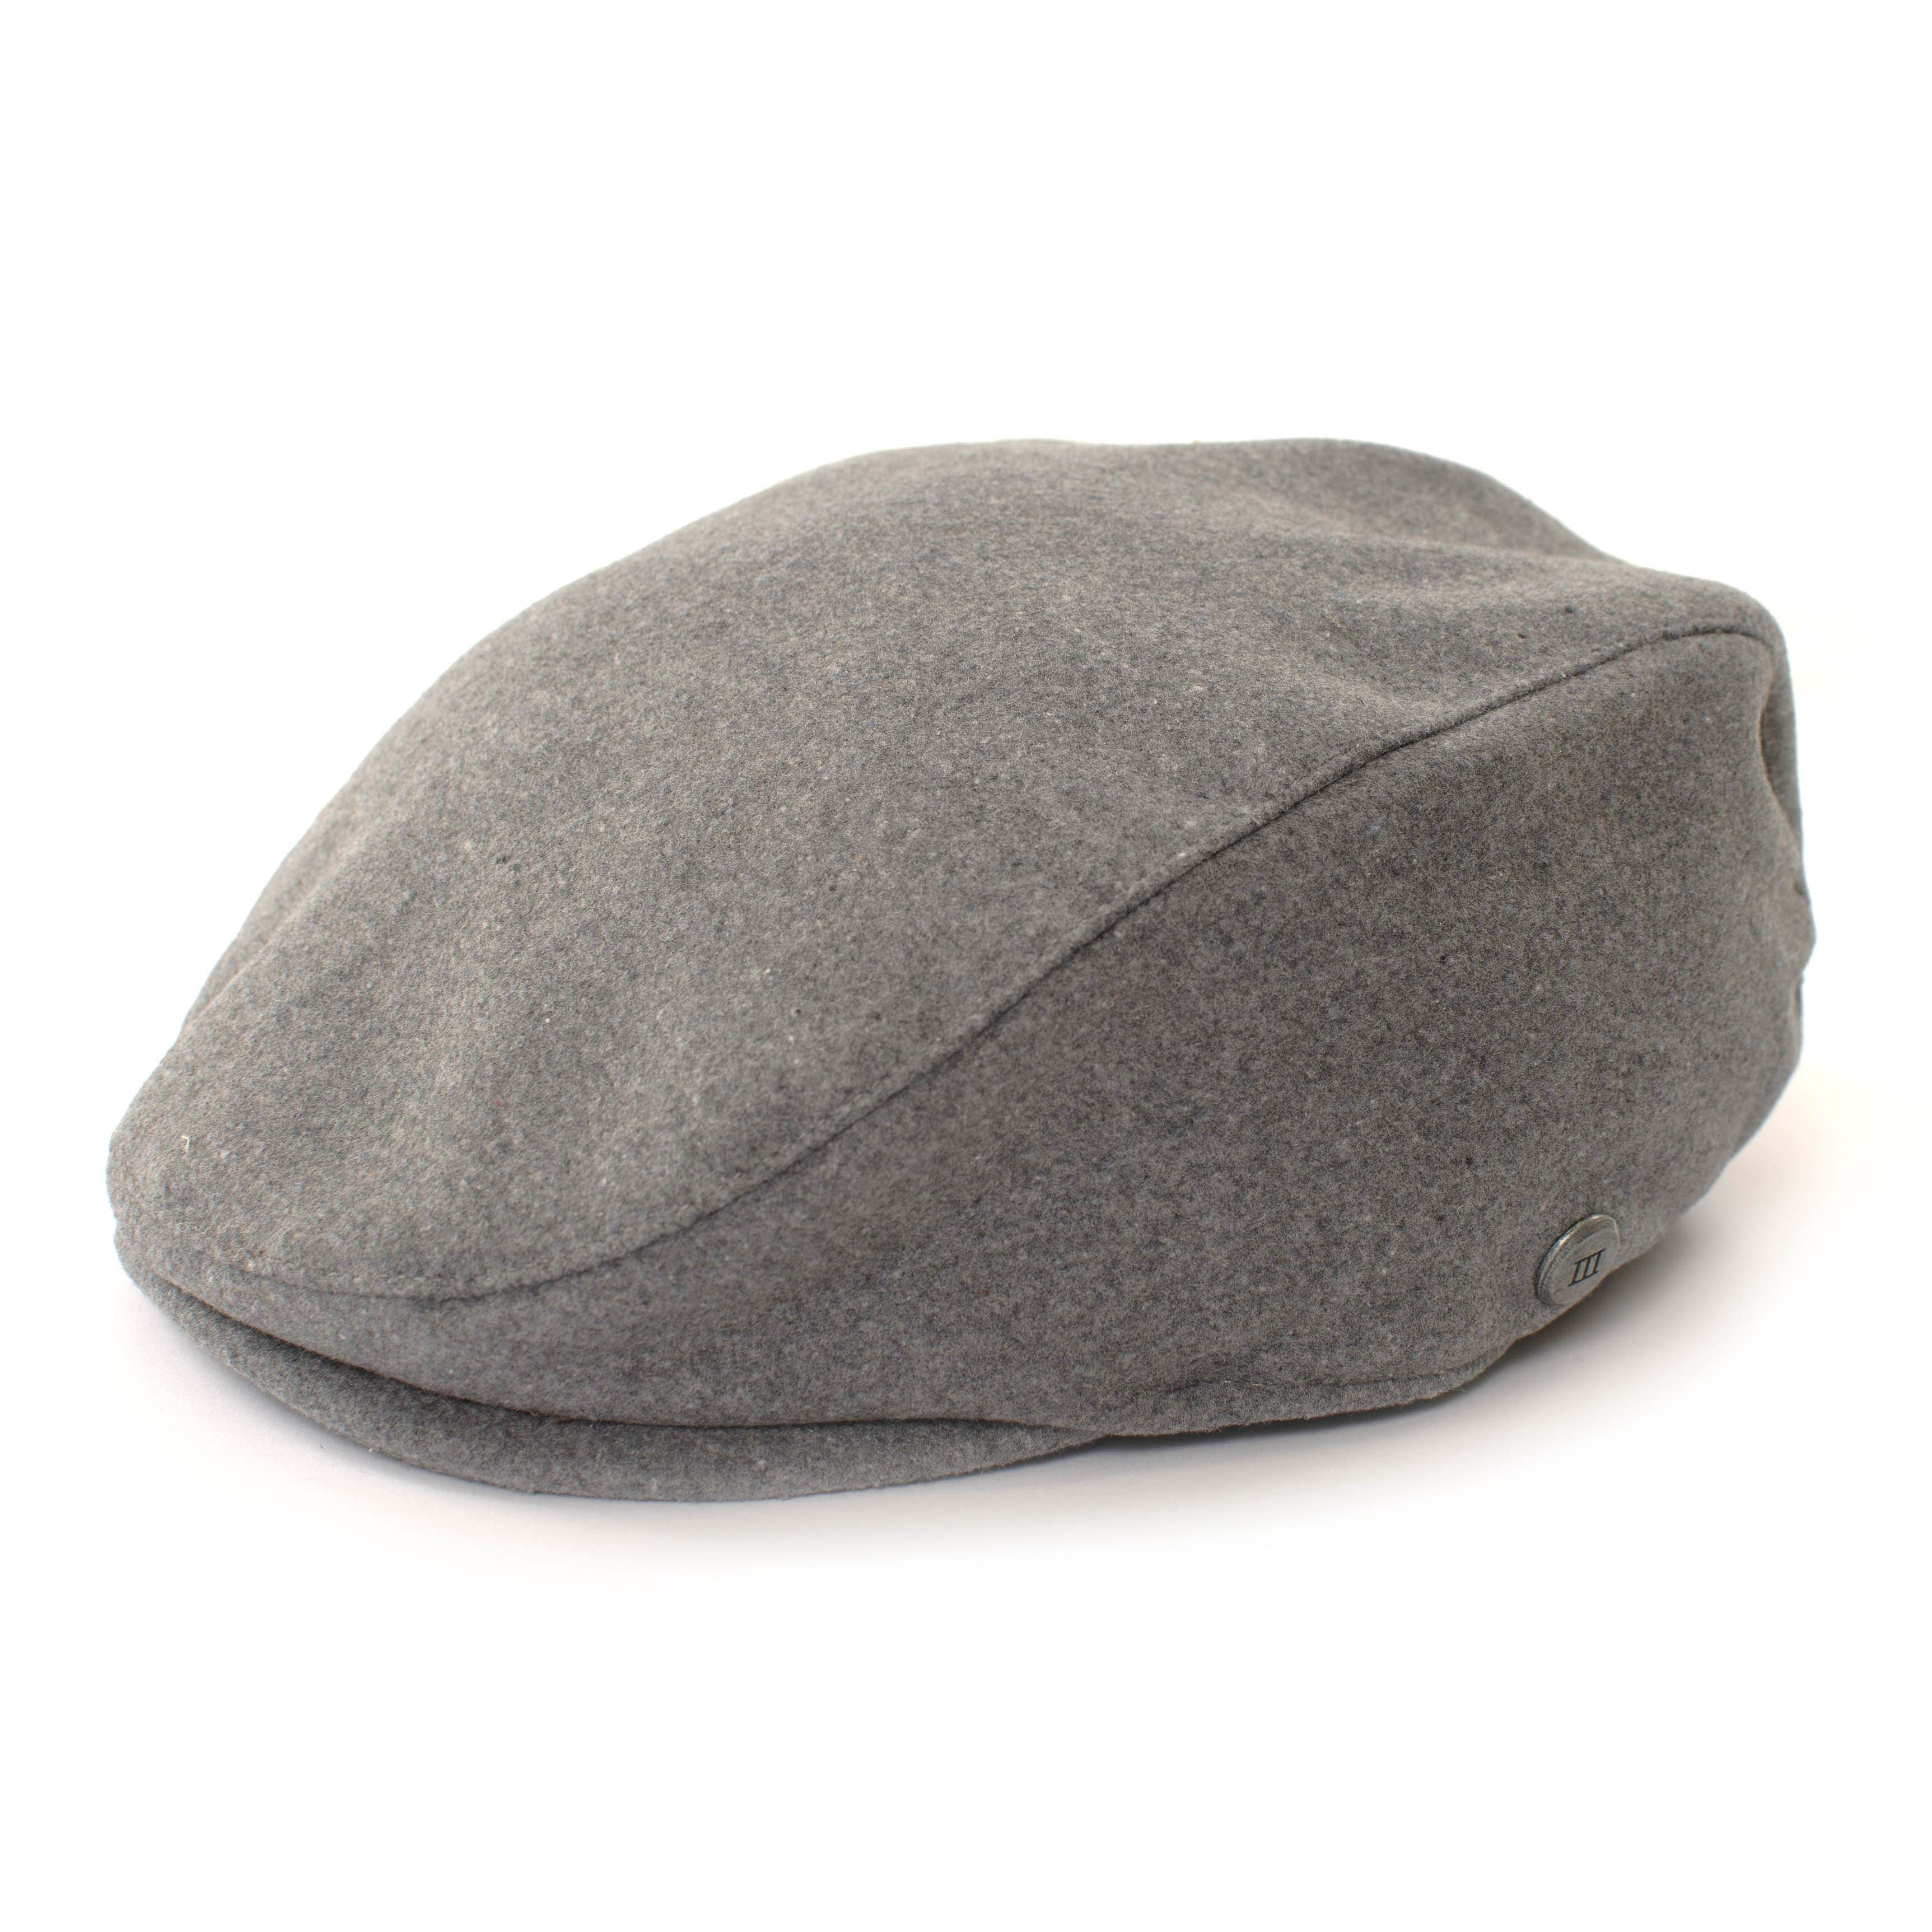 Flatcap grey in wool look